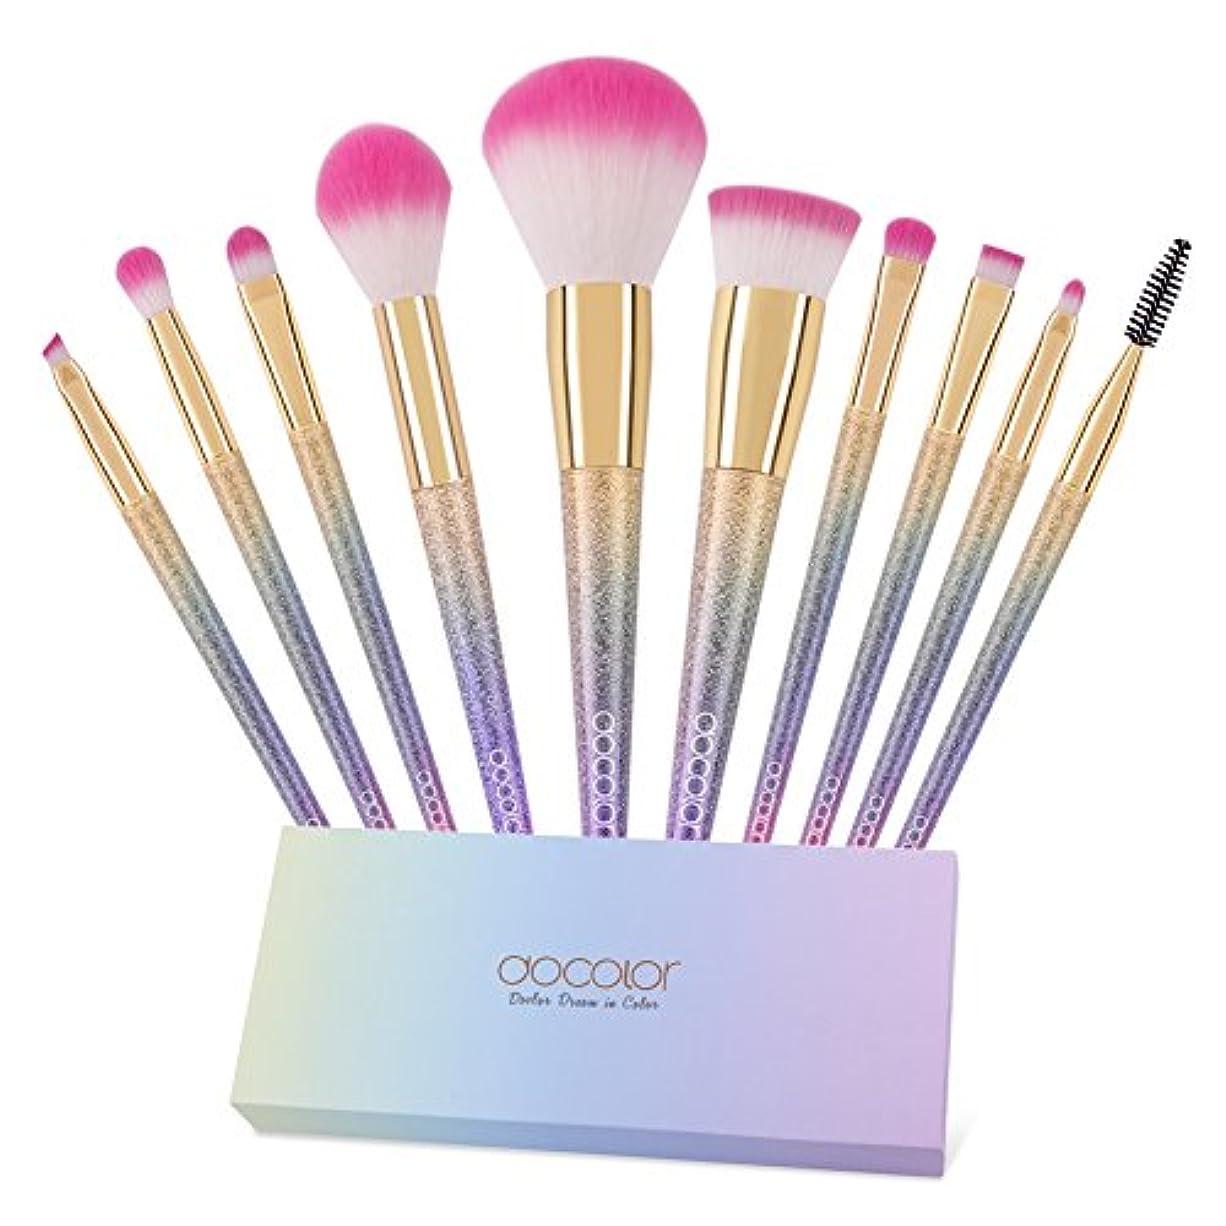 普通の予測する強いDocolor ドゥカラー 化粧筆 メイクブラシ 10本セット 幻のレインボーブラシ